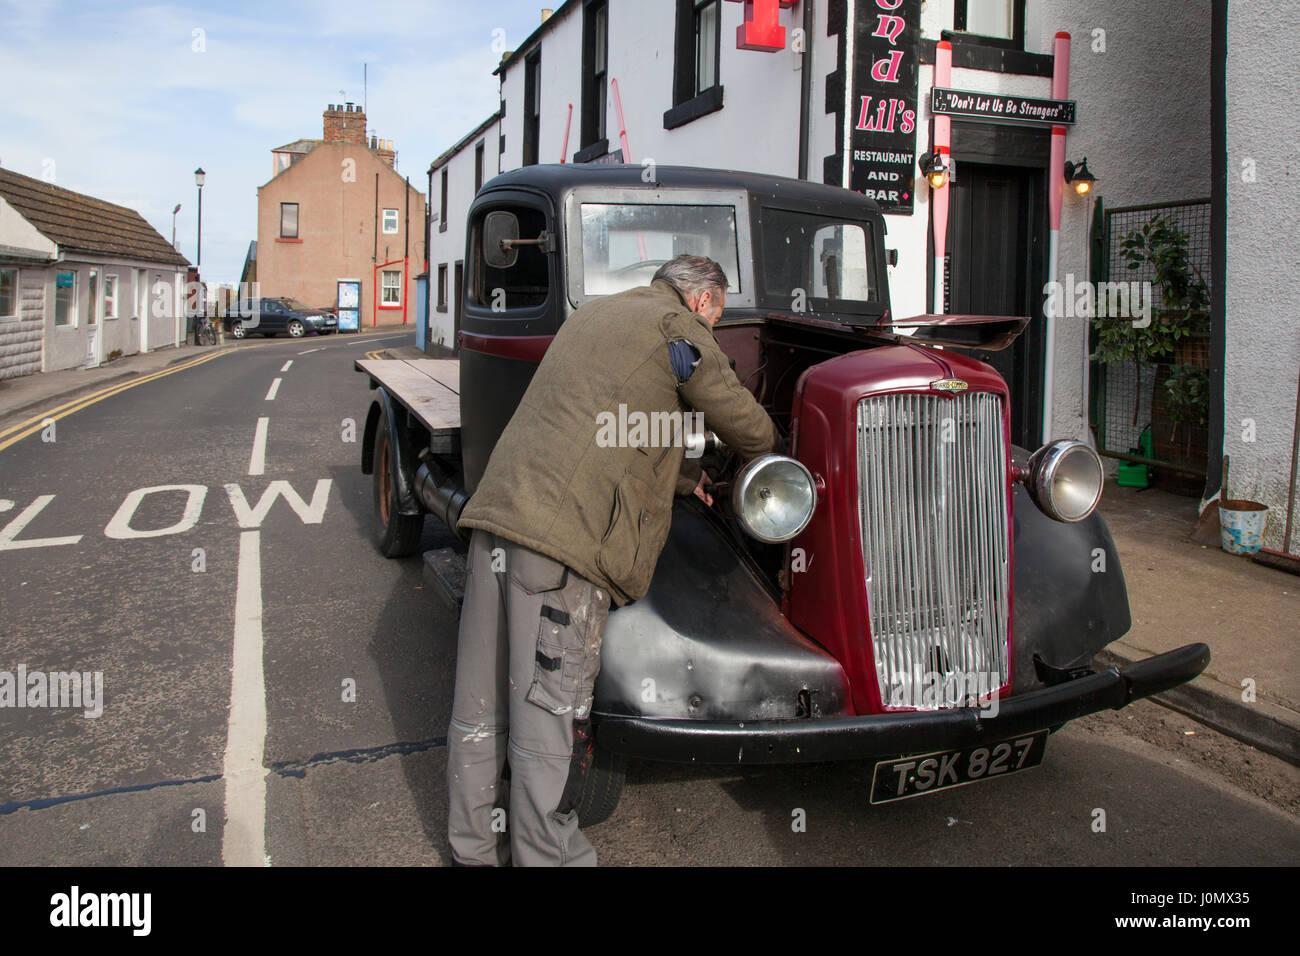 6f44fc68a474b5 Morris Commercial Van Stock Photos   Morris Commercial Van Stock ...